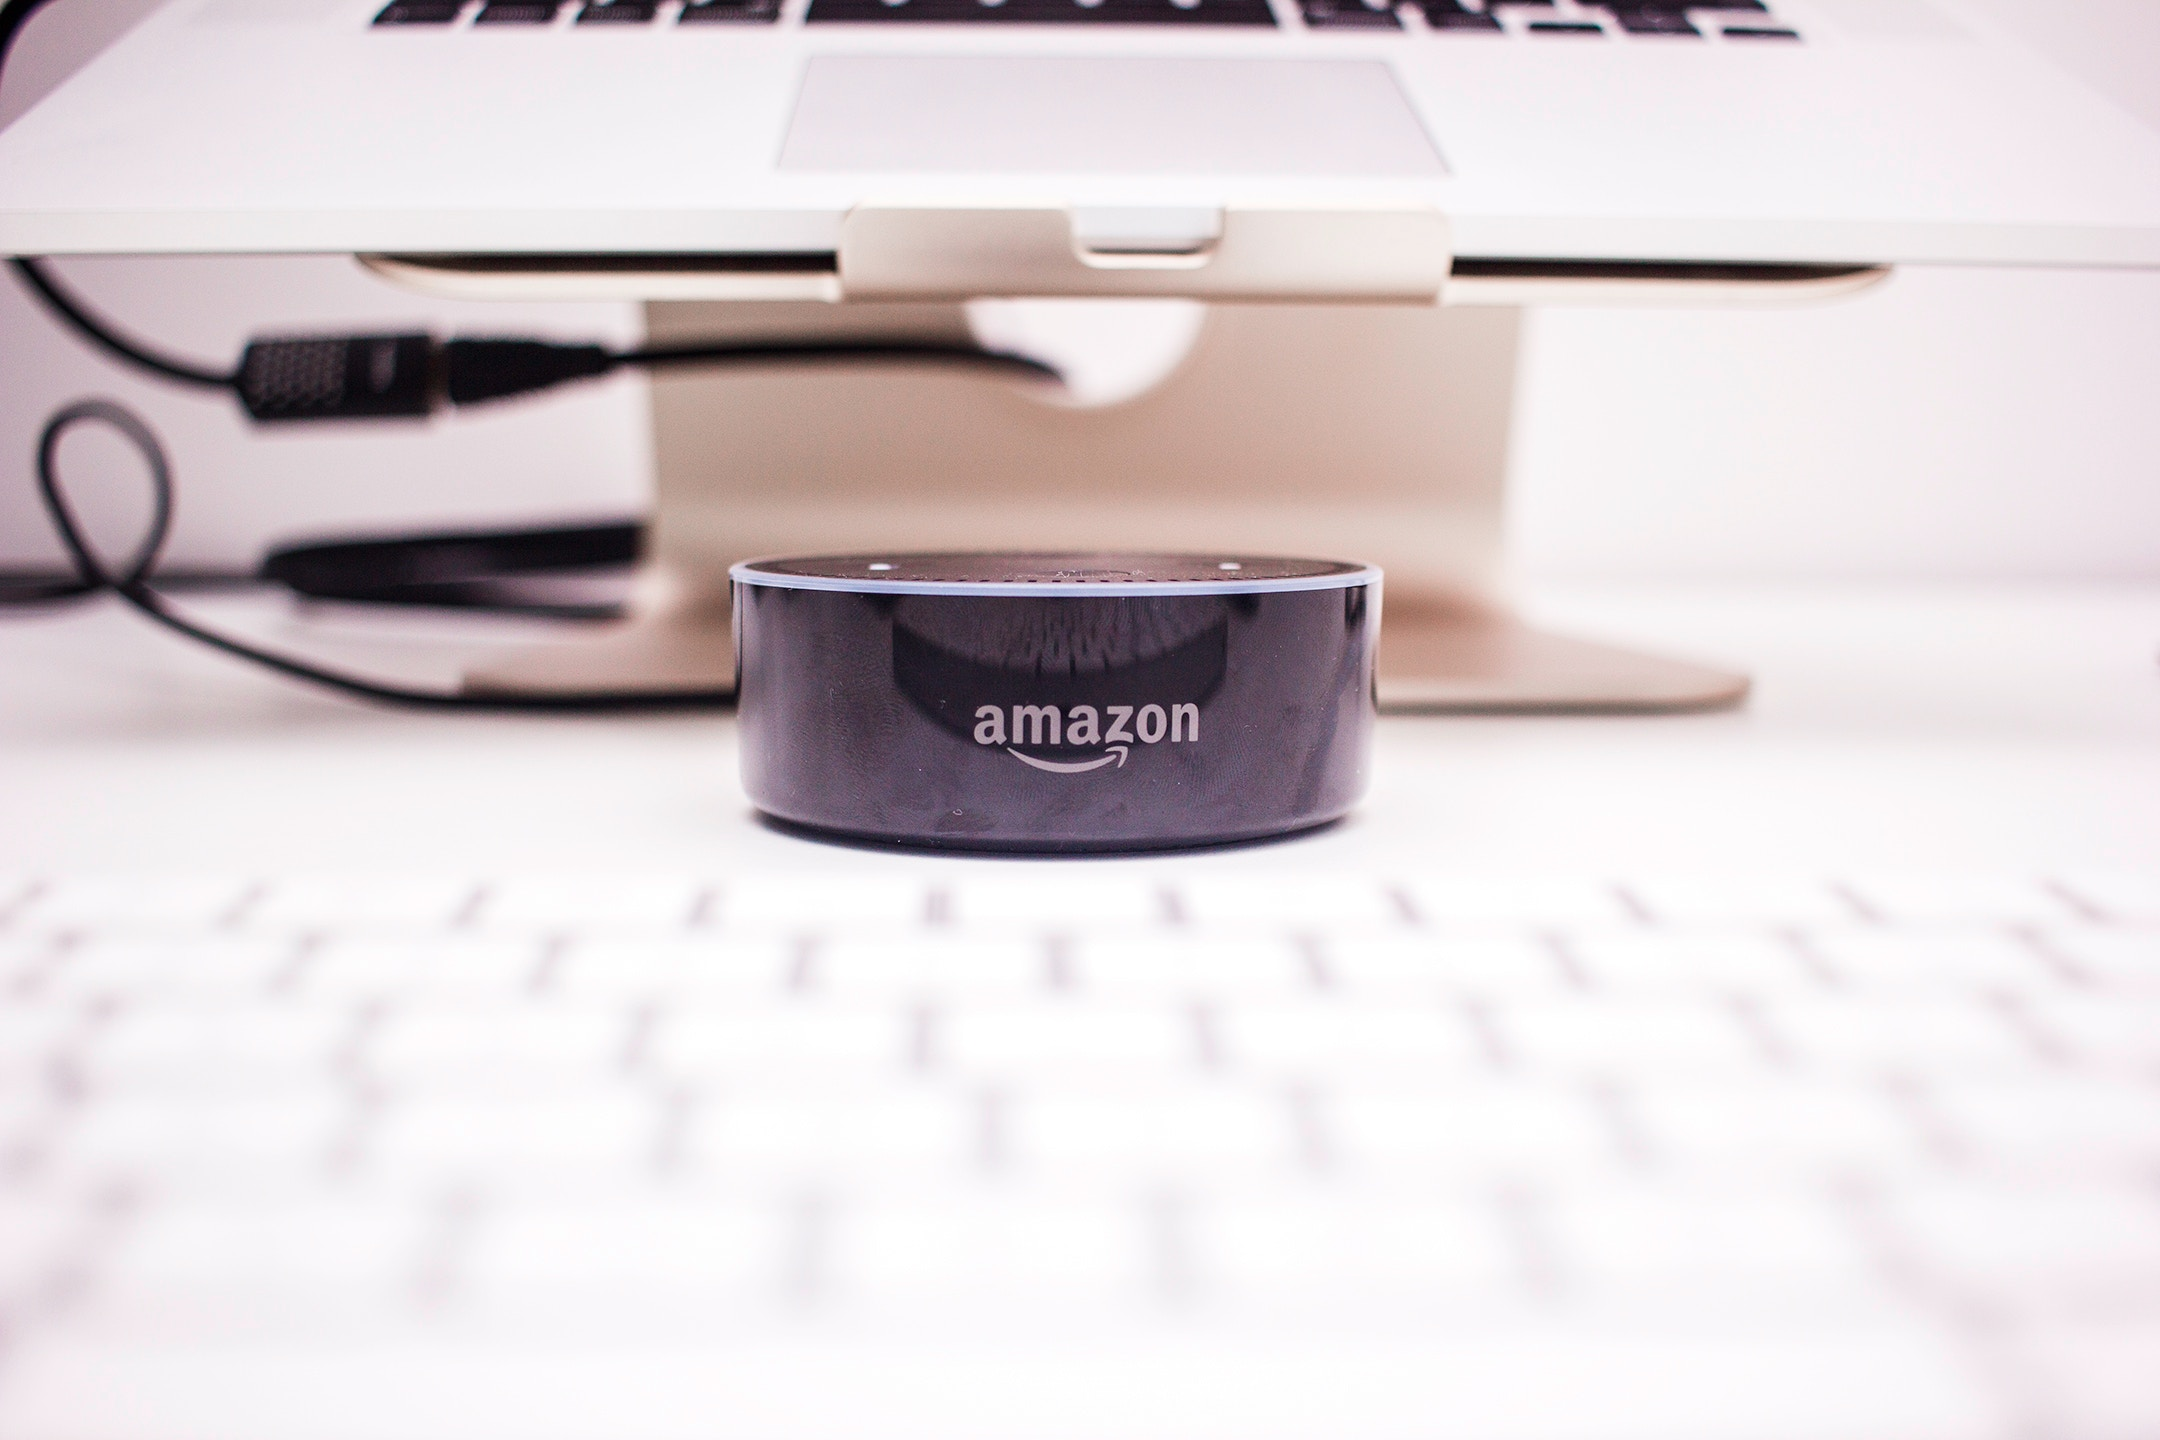 Amazon busca emprendedores para mejorar los servicios de Alexa. (Foto Prensa Libre: Unsplash)